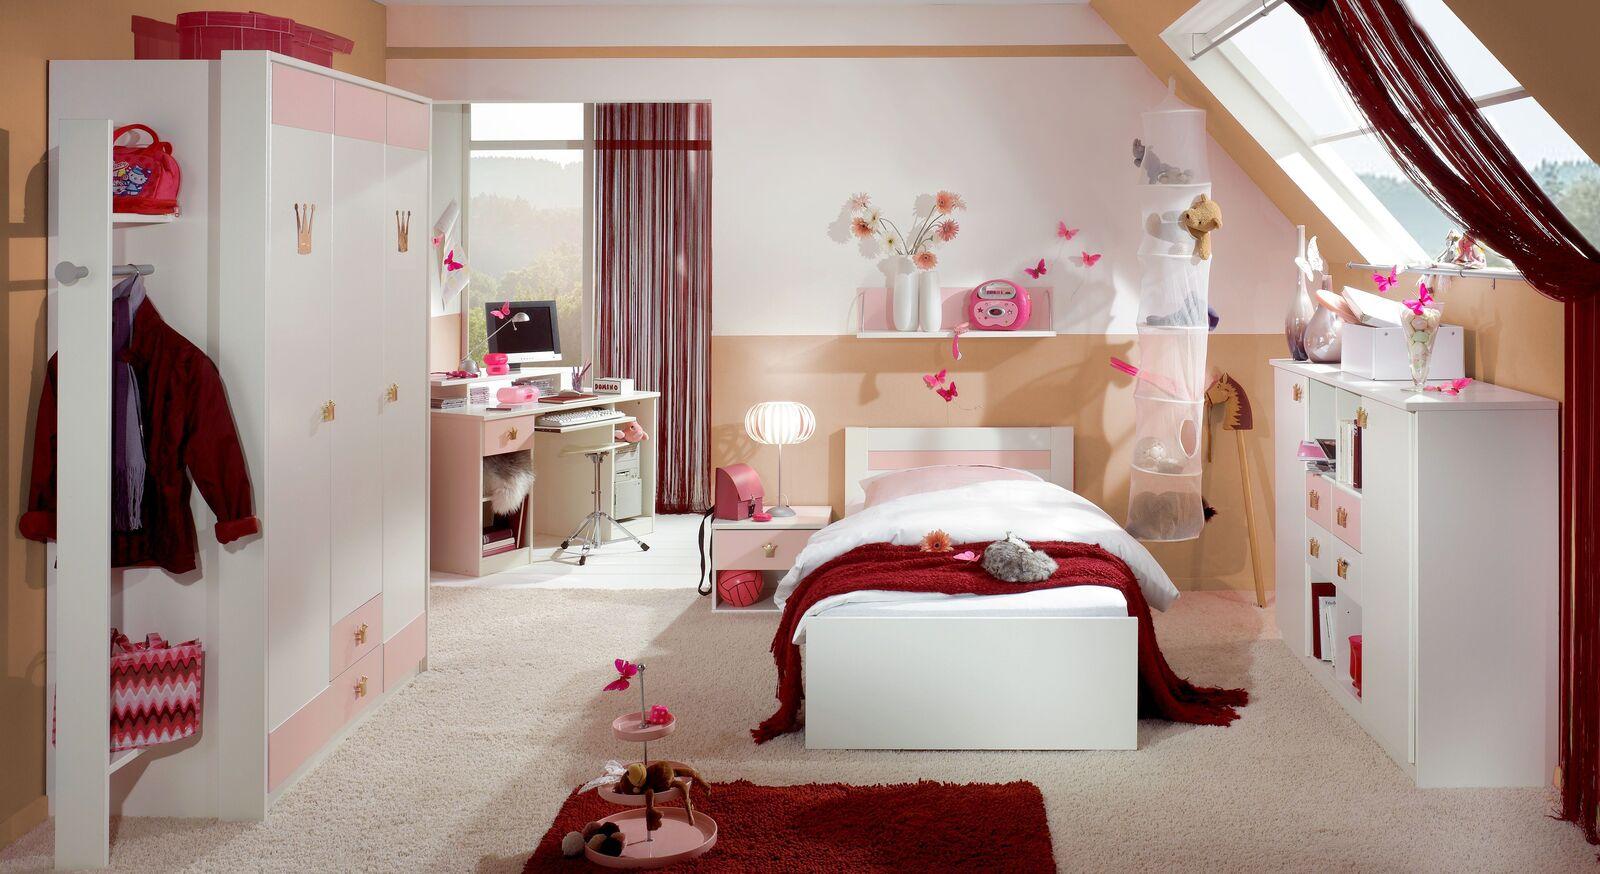 Kinderzimmer Embala mit Akzenten in Rosé